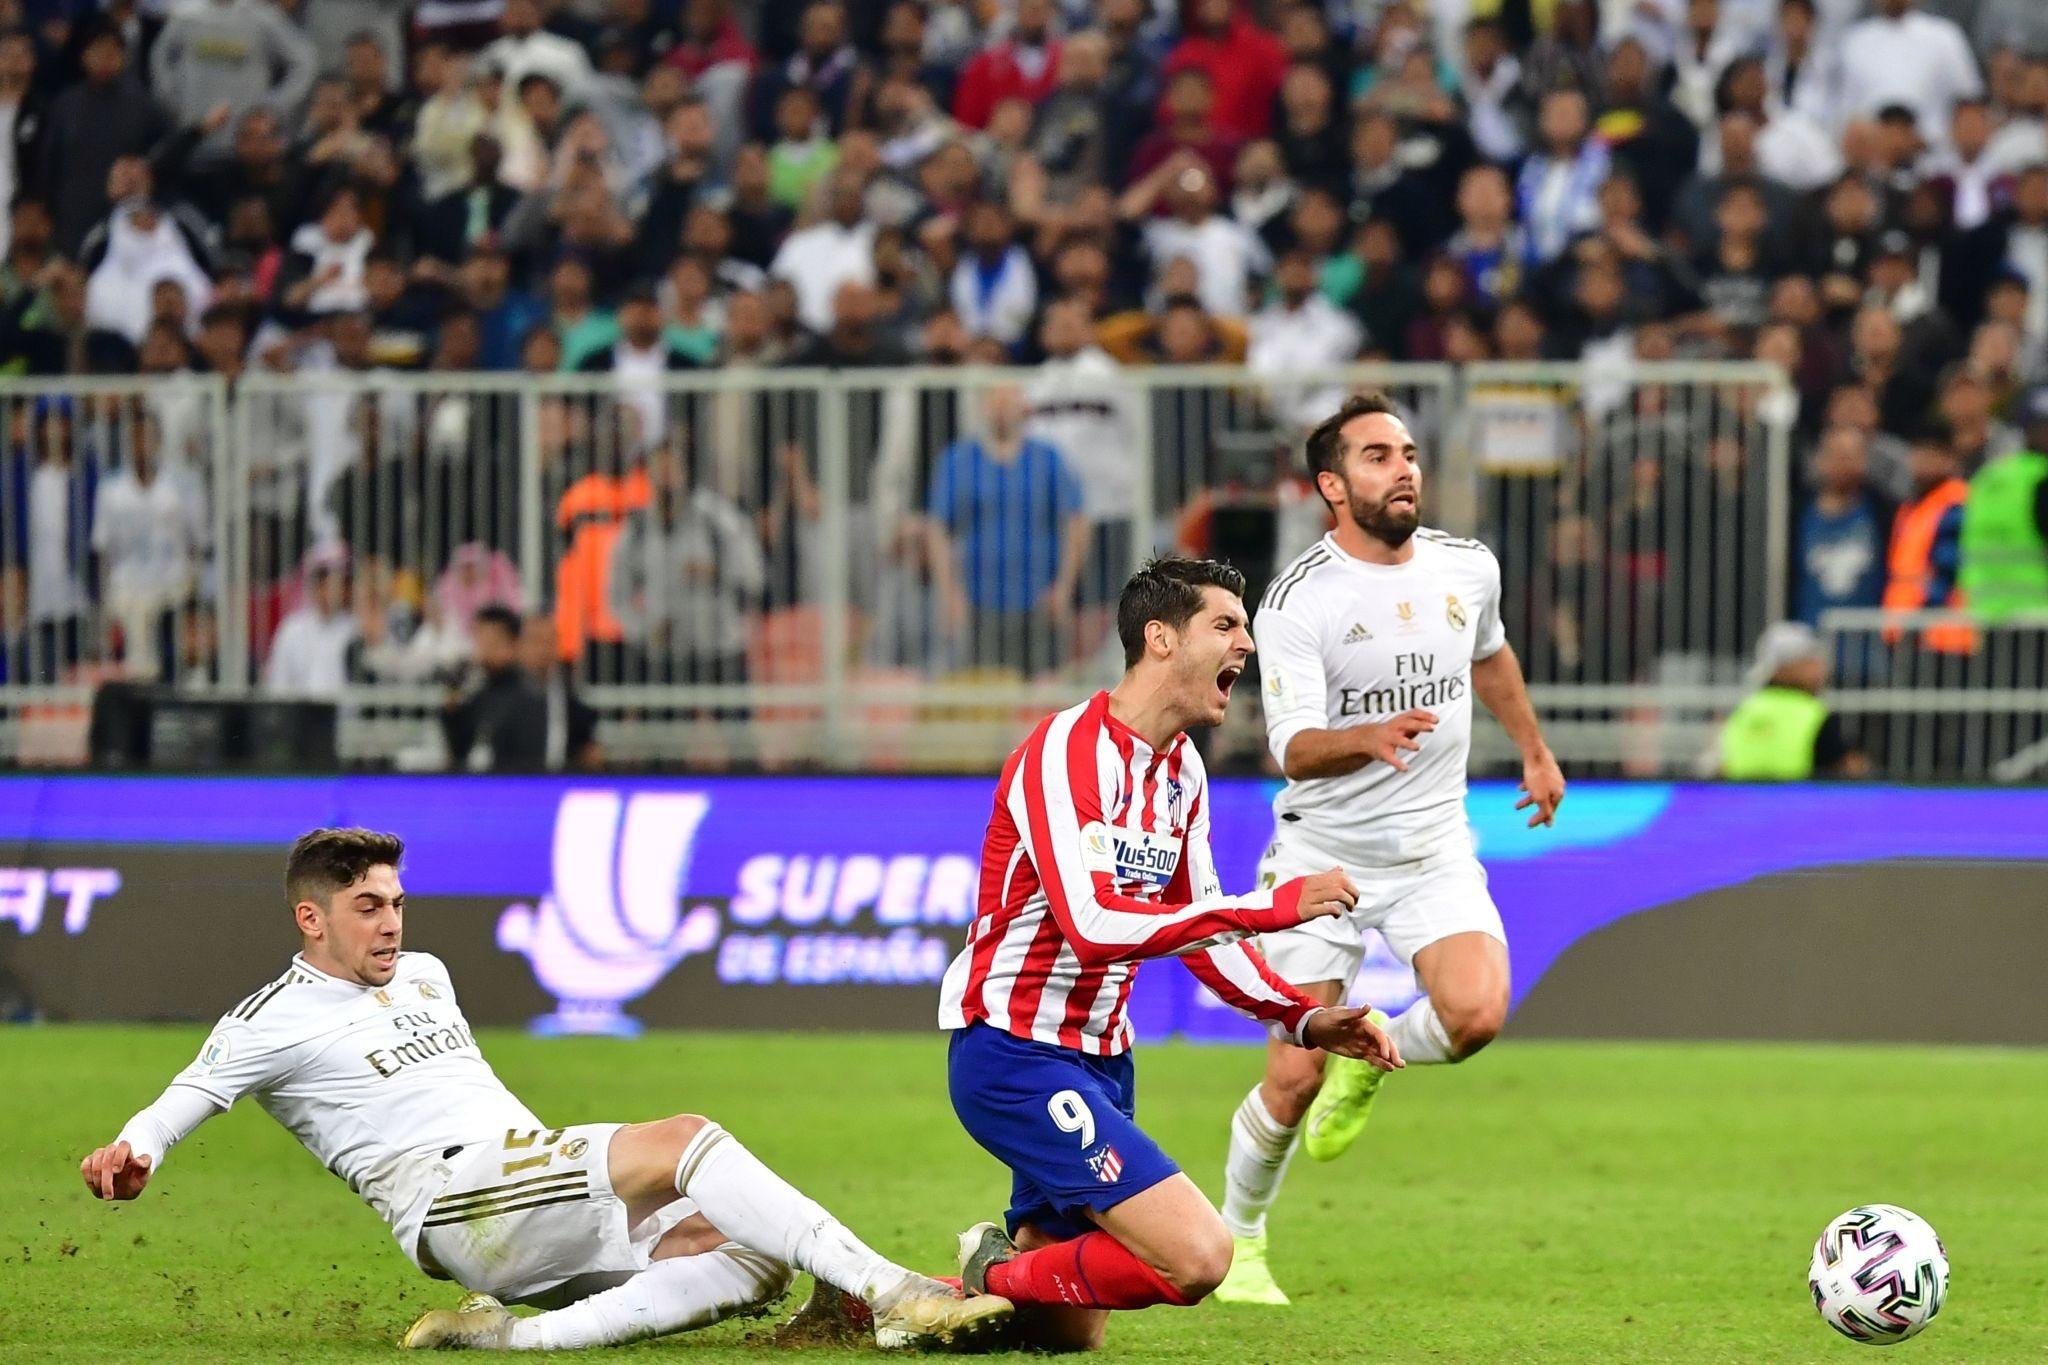 Pelanggaran yang dilakukan Federico Valverde terhadap Alvaro Morata di final Piala Super Spanyol, Minggu (12/1/2020) malam atau Senin dinihari WIB